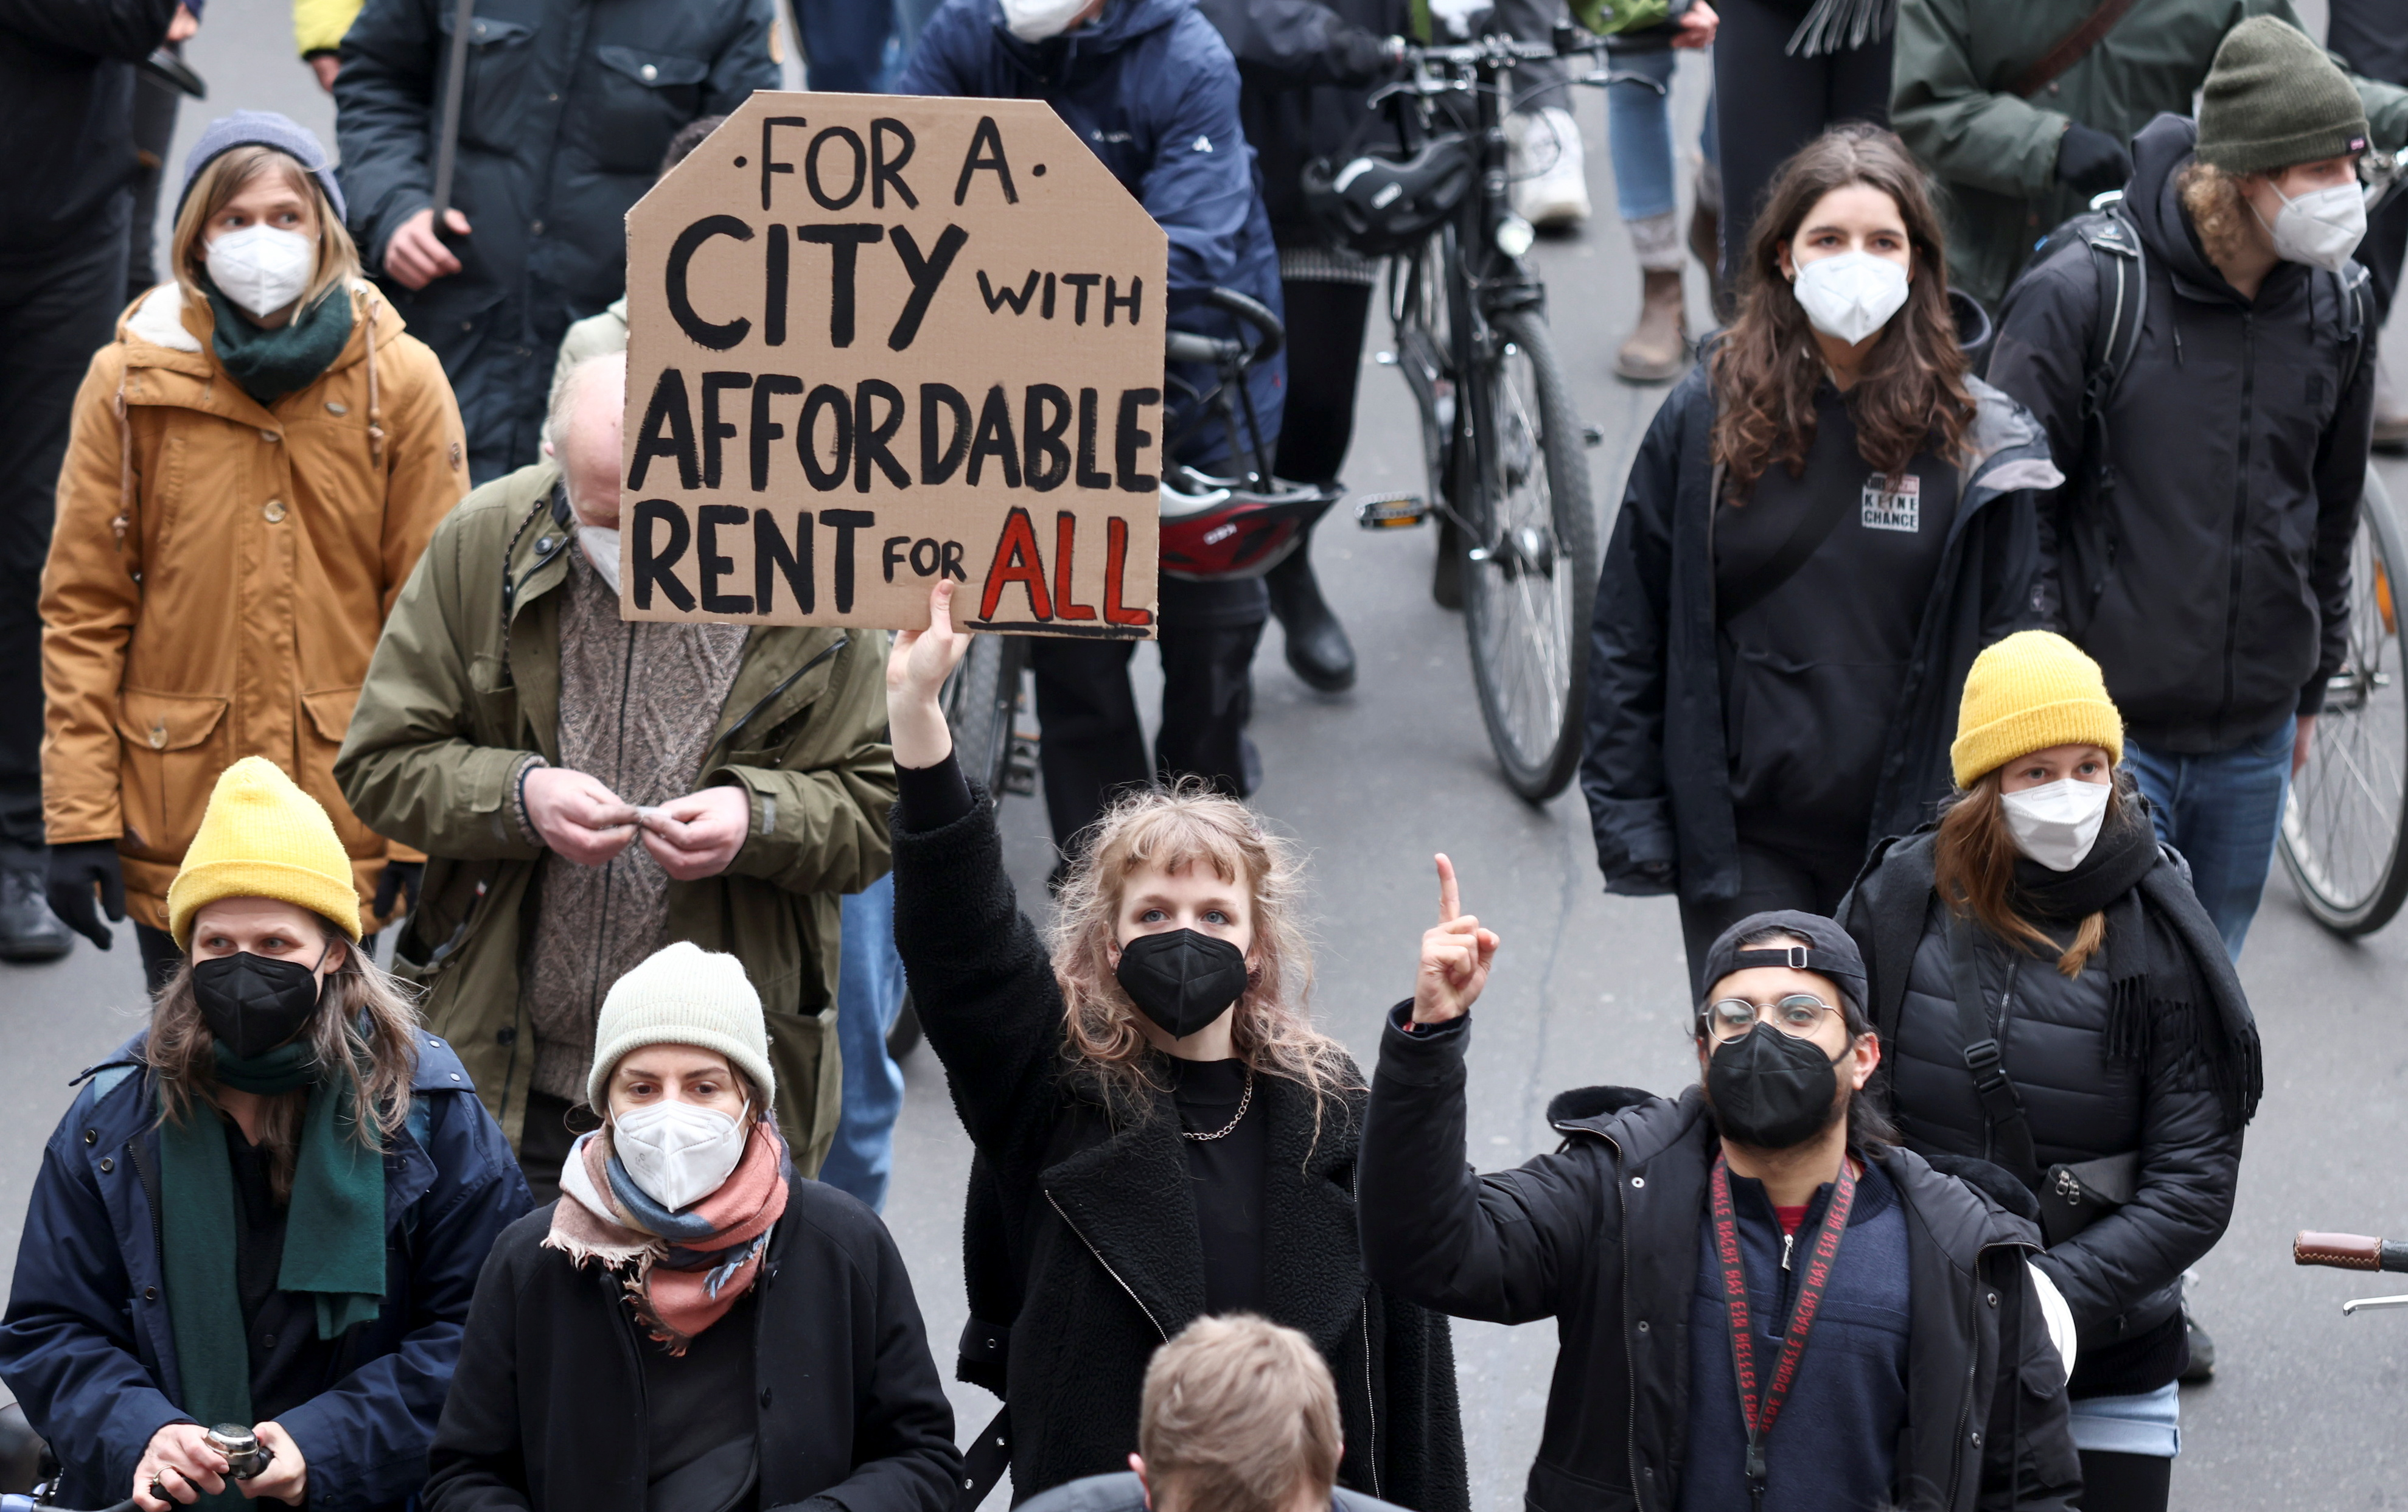 Manifestantes contra la sentencia del Tribunal Constitucional alemán sobre el alquiler.